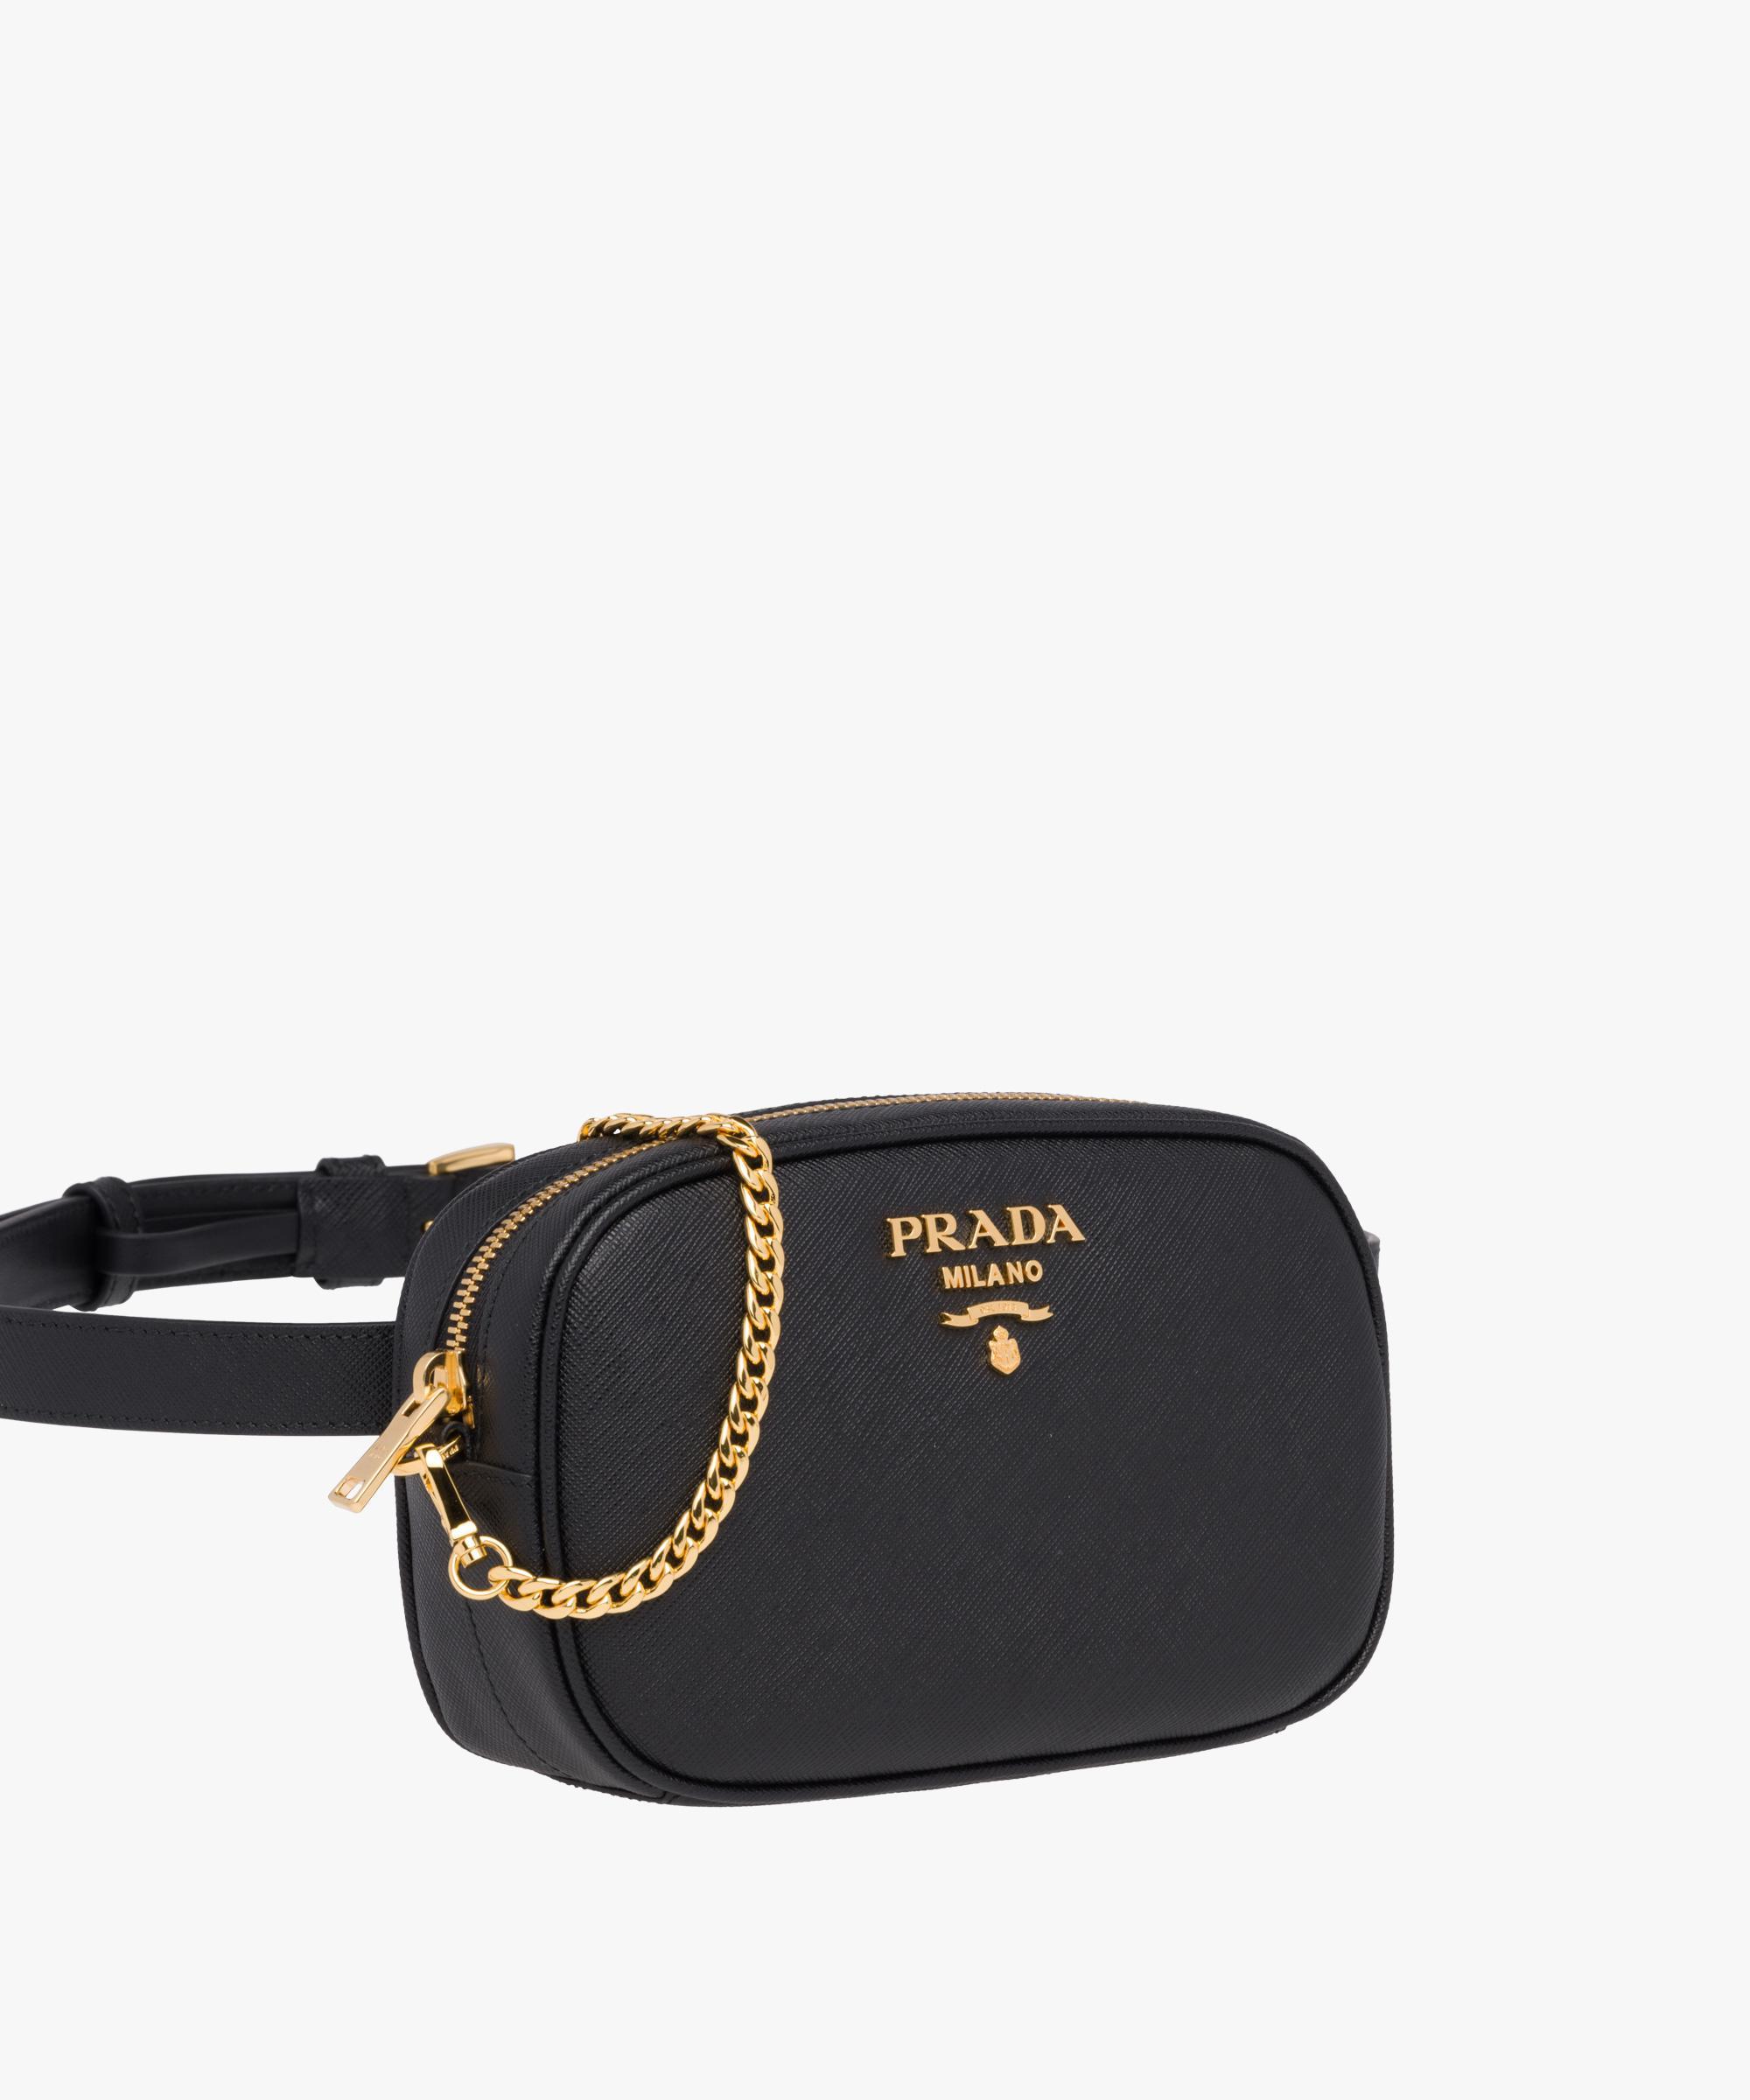 50ac6dddf0 Lyst - Prada Saffiano Leather Belt Bag in Black